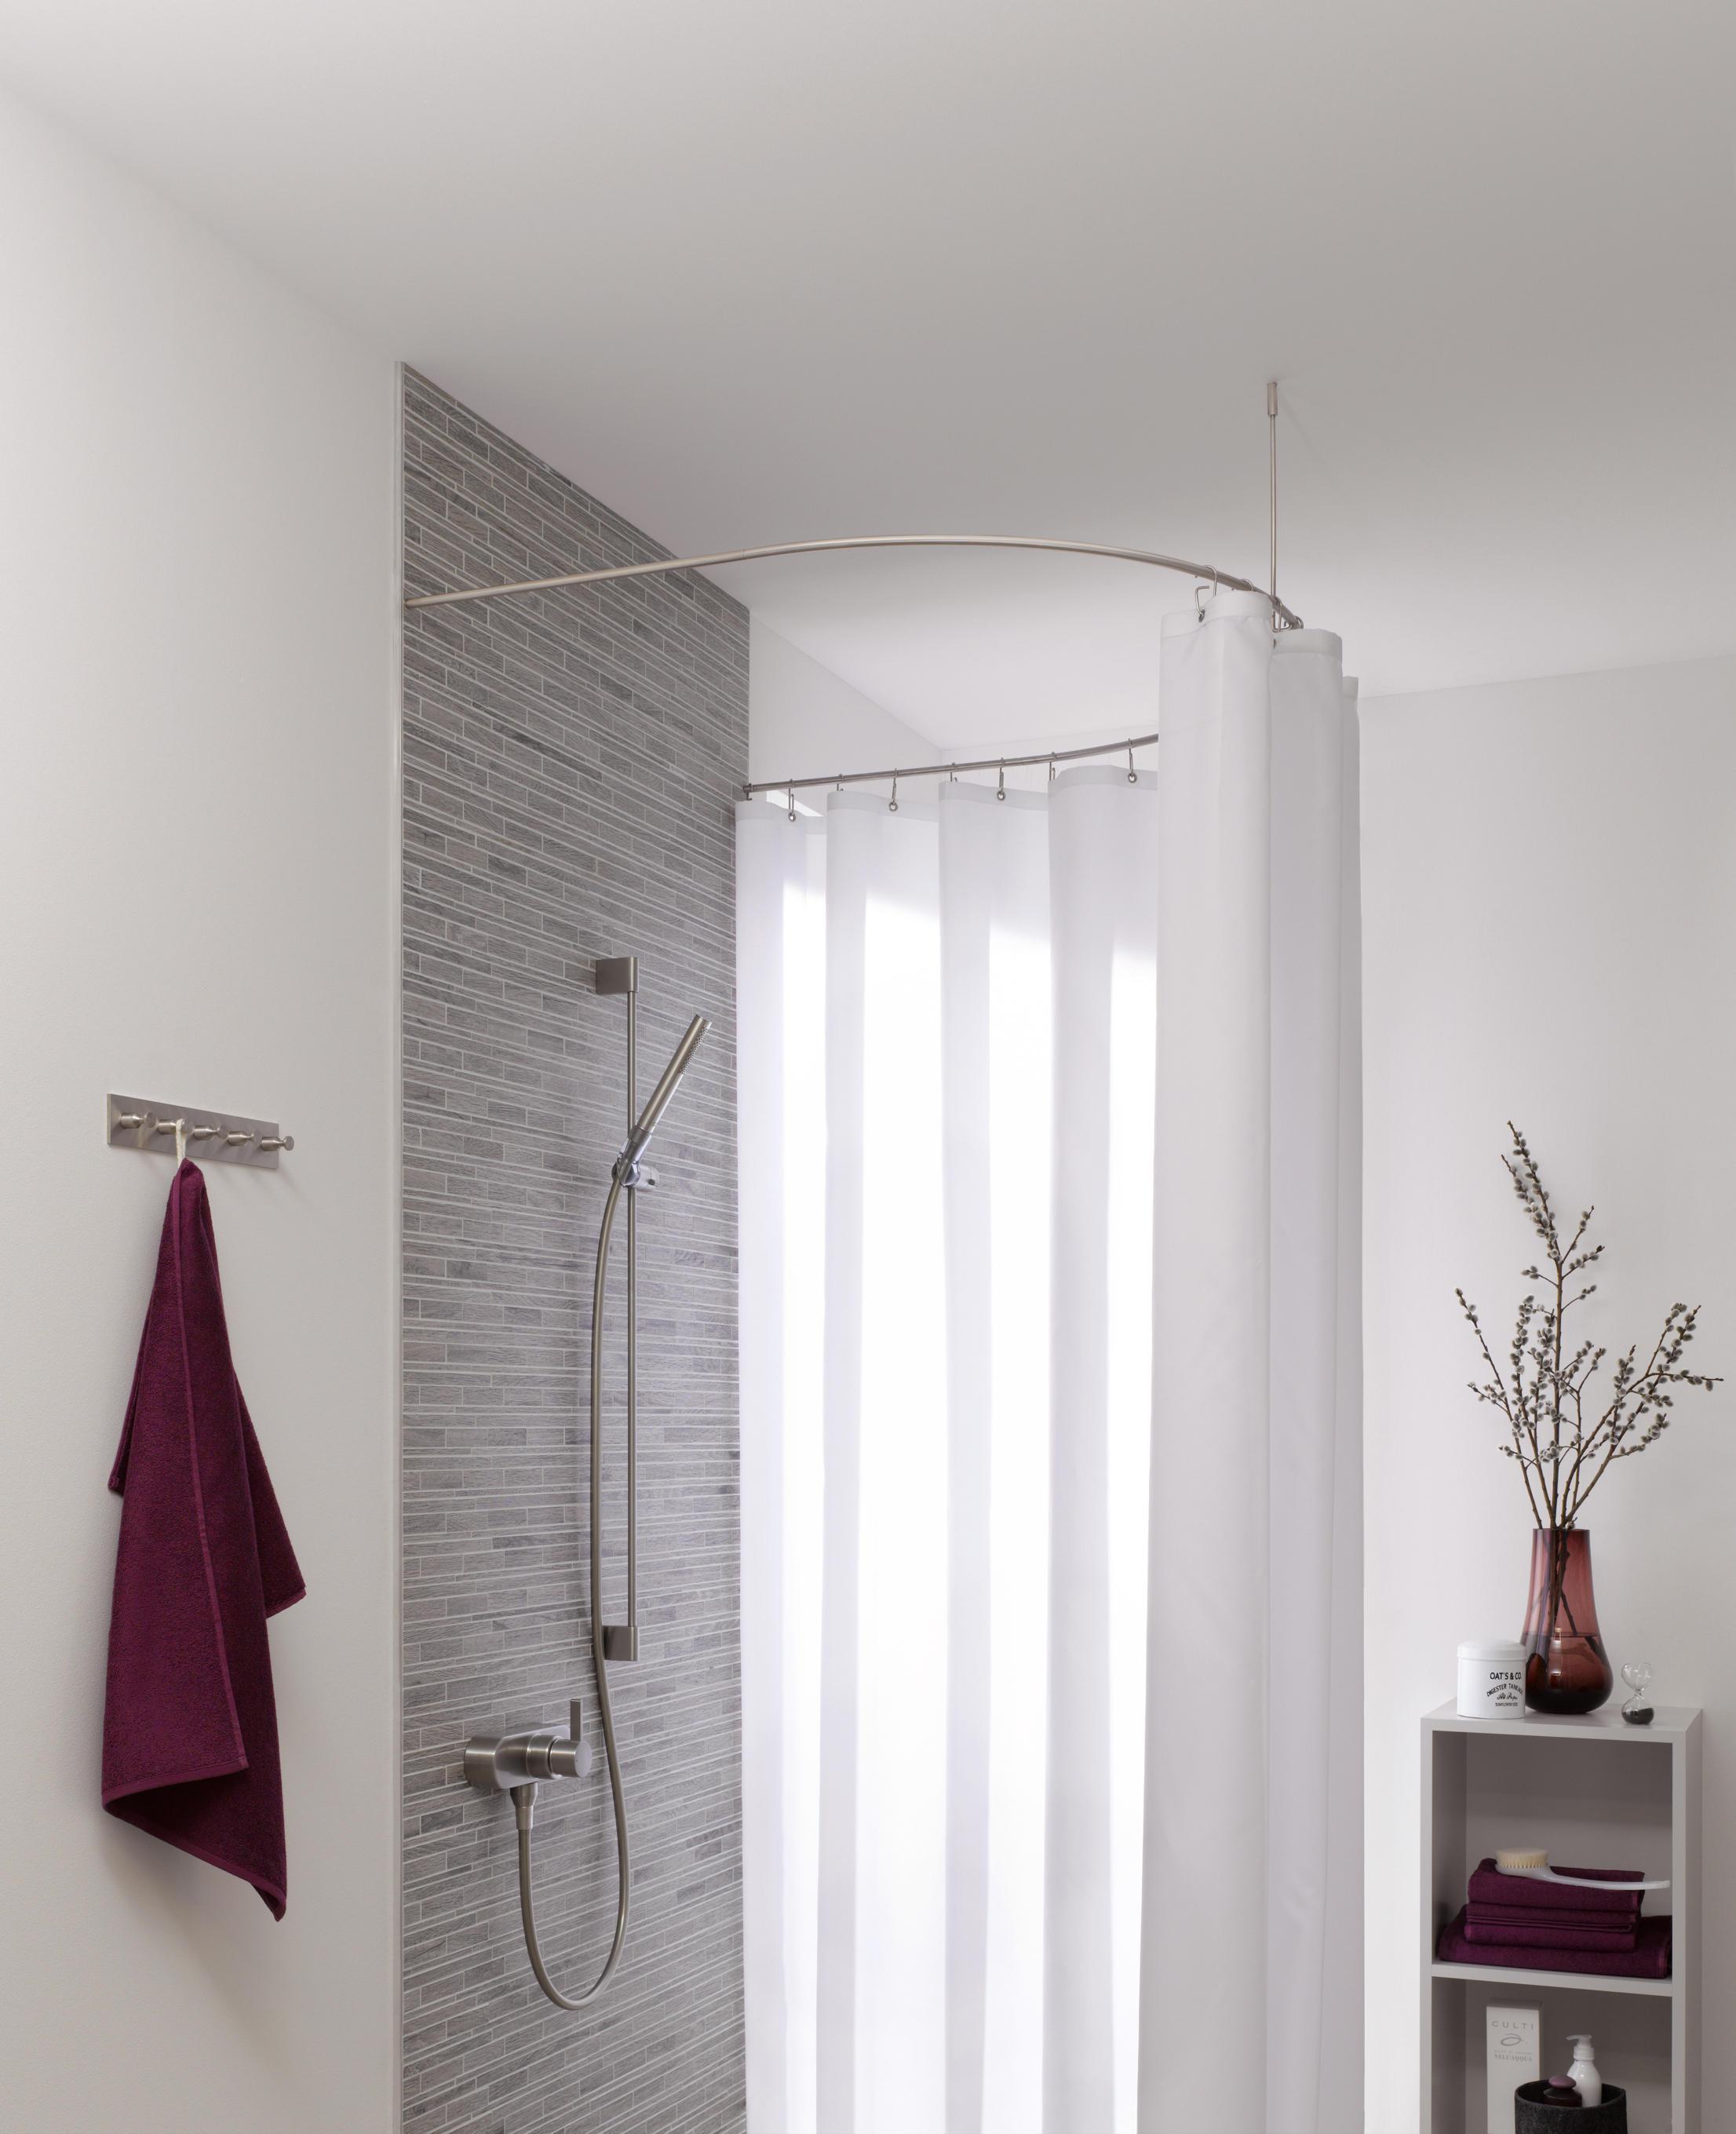 Phos Design duschvorhangstange dr 500 hd 800 - outdoor emergency lighting from